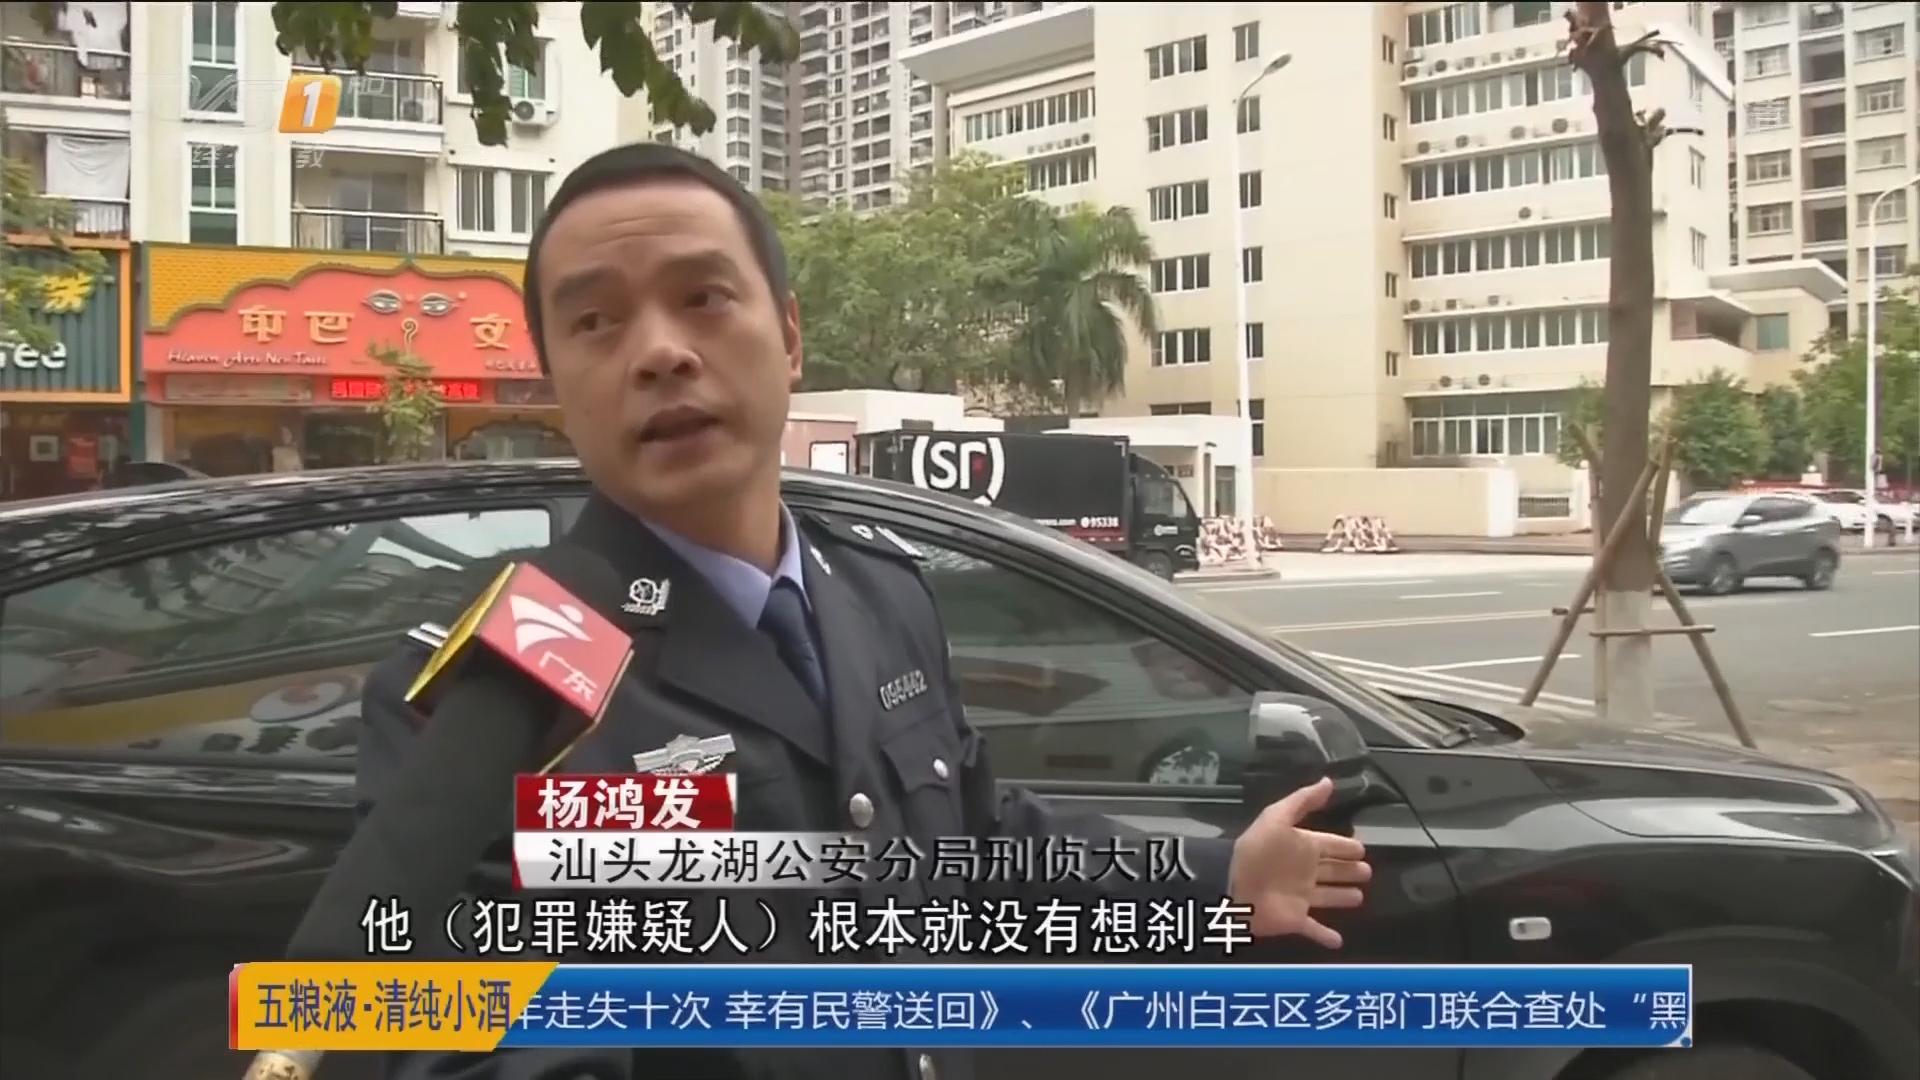 汕头警方抓获疑犯:撞伤民警疑犯 在广西落网